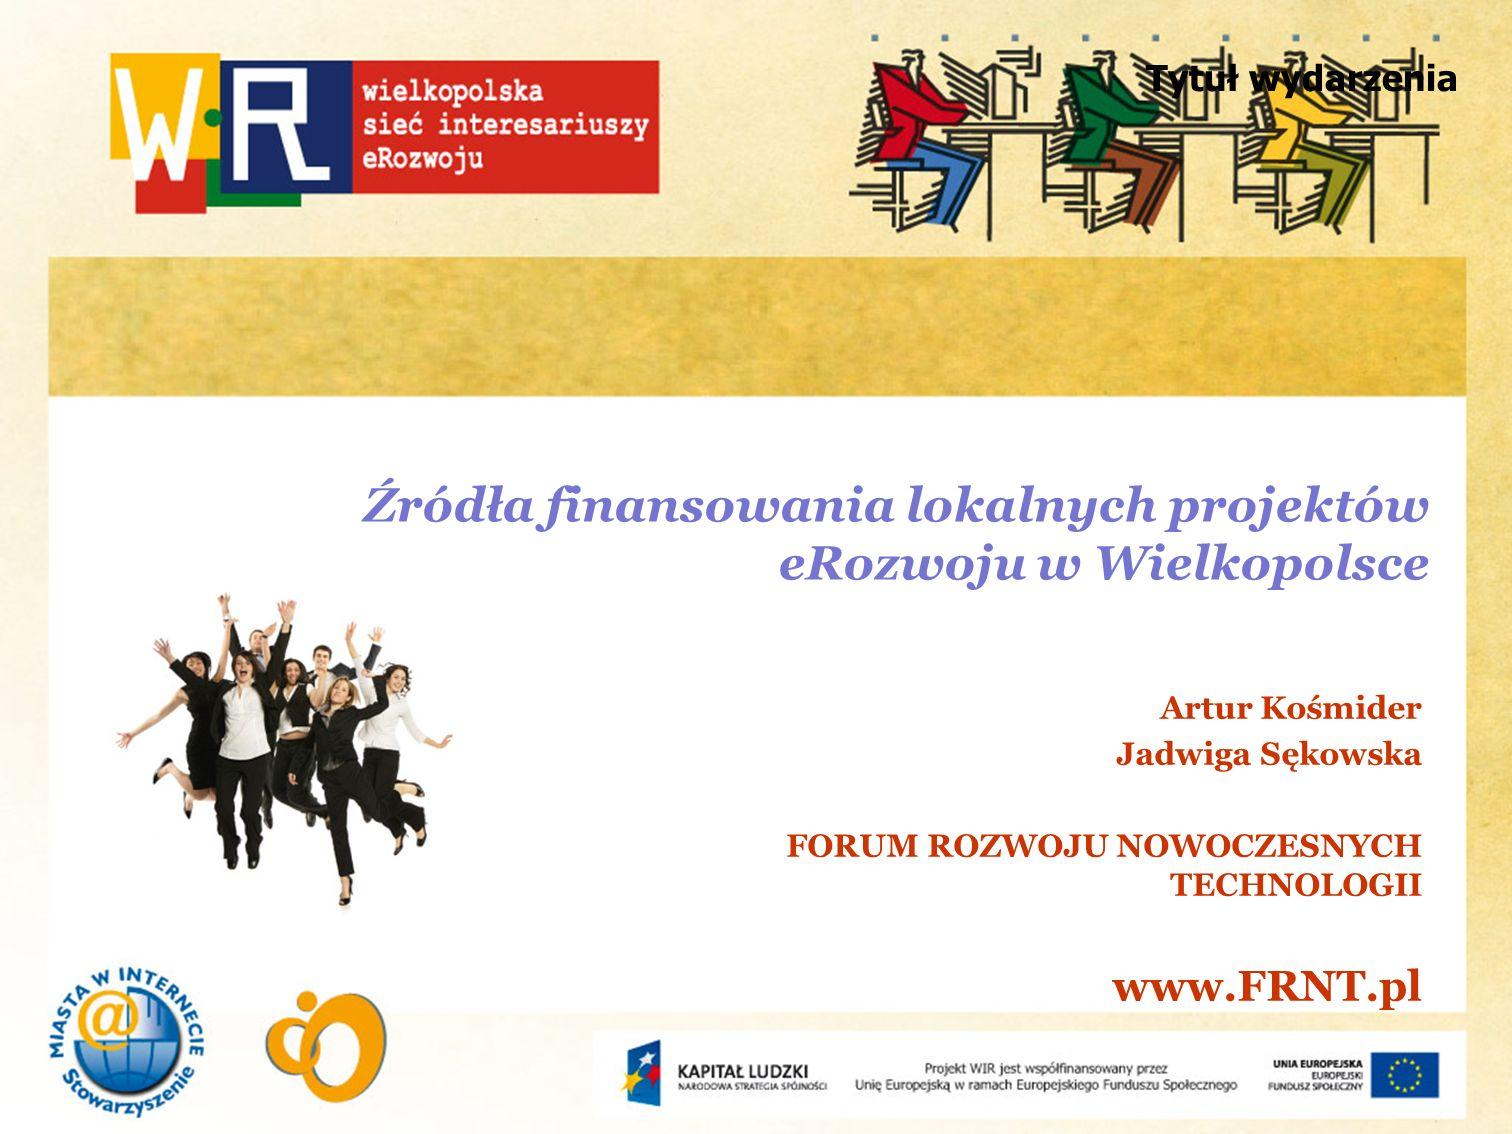 Źródła finansowania lokalnych projektów eRozwoju w Wielkopolsce